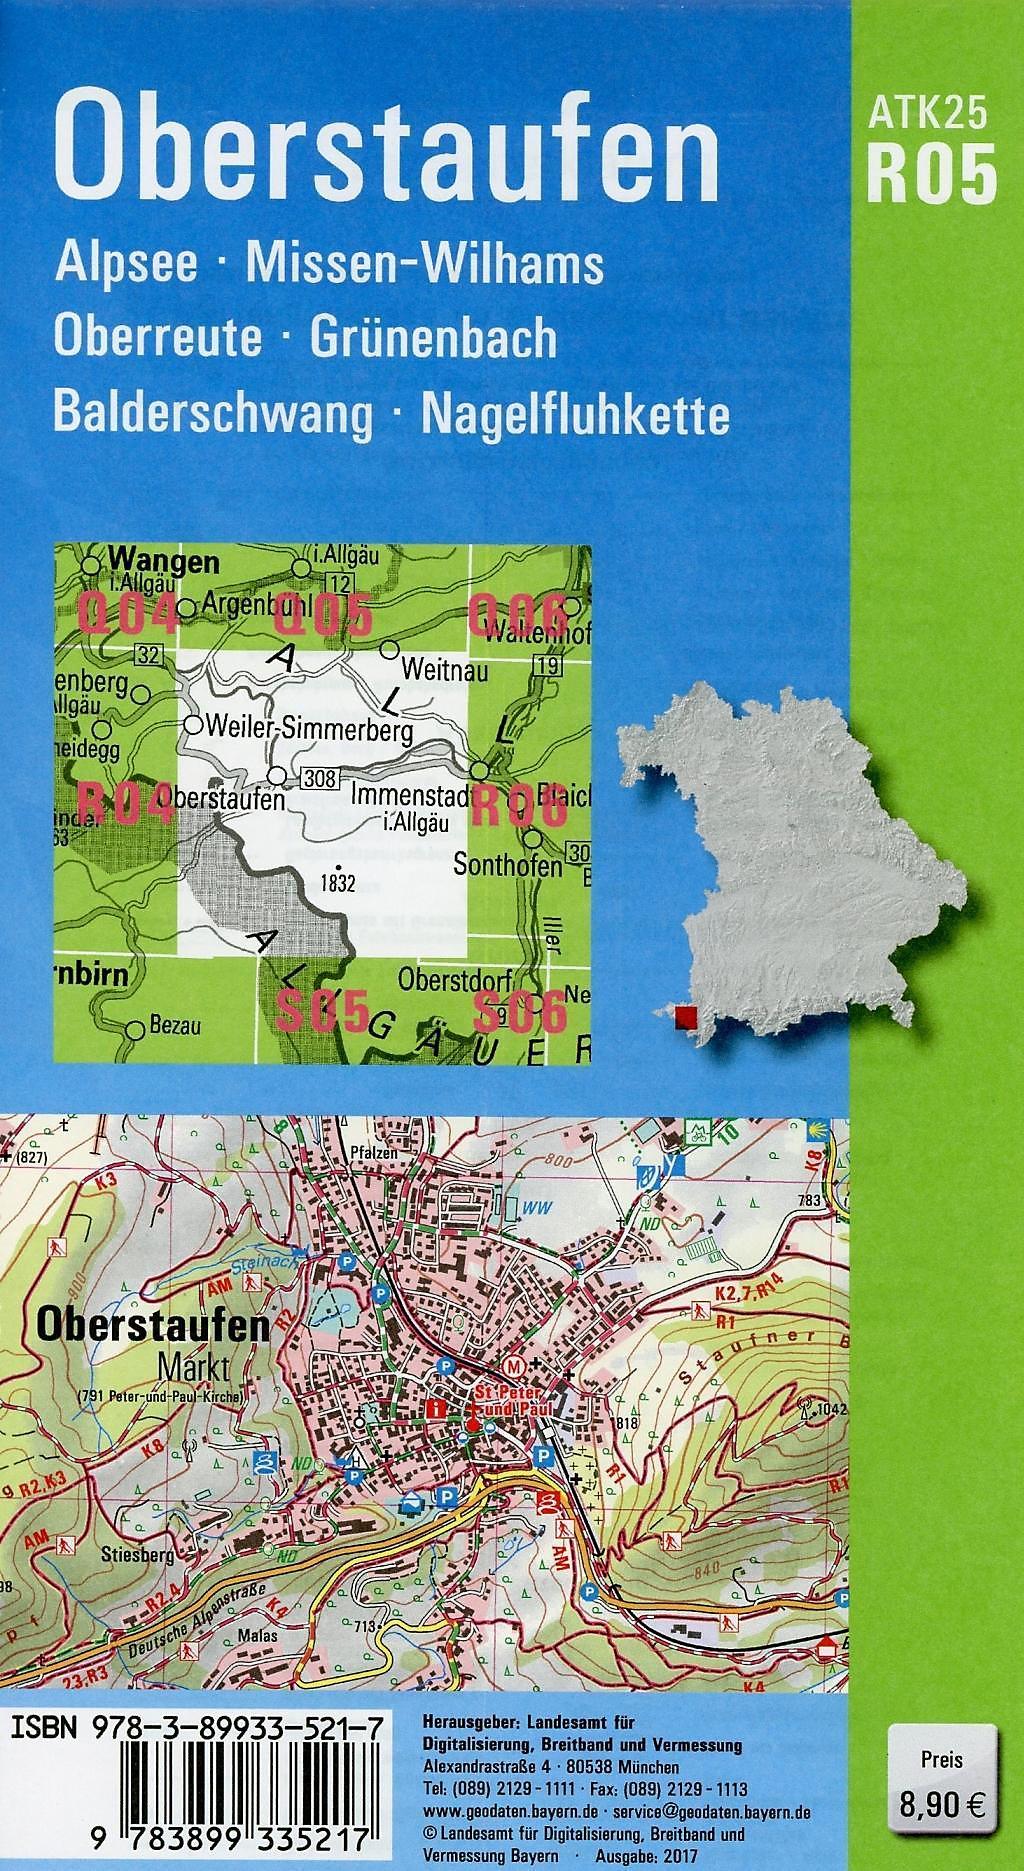 Topographische Karte Deutschland Kostenlos.Amtliche Topographische Karte Bayern Oberstaufen Buch